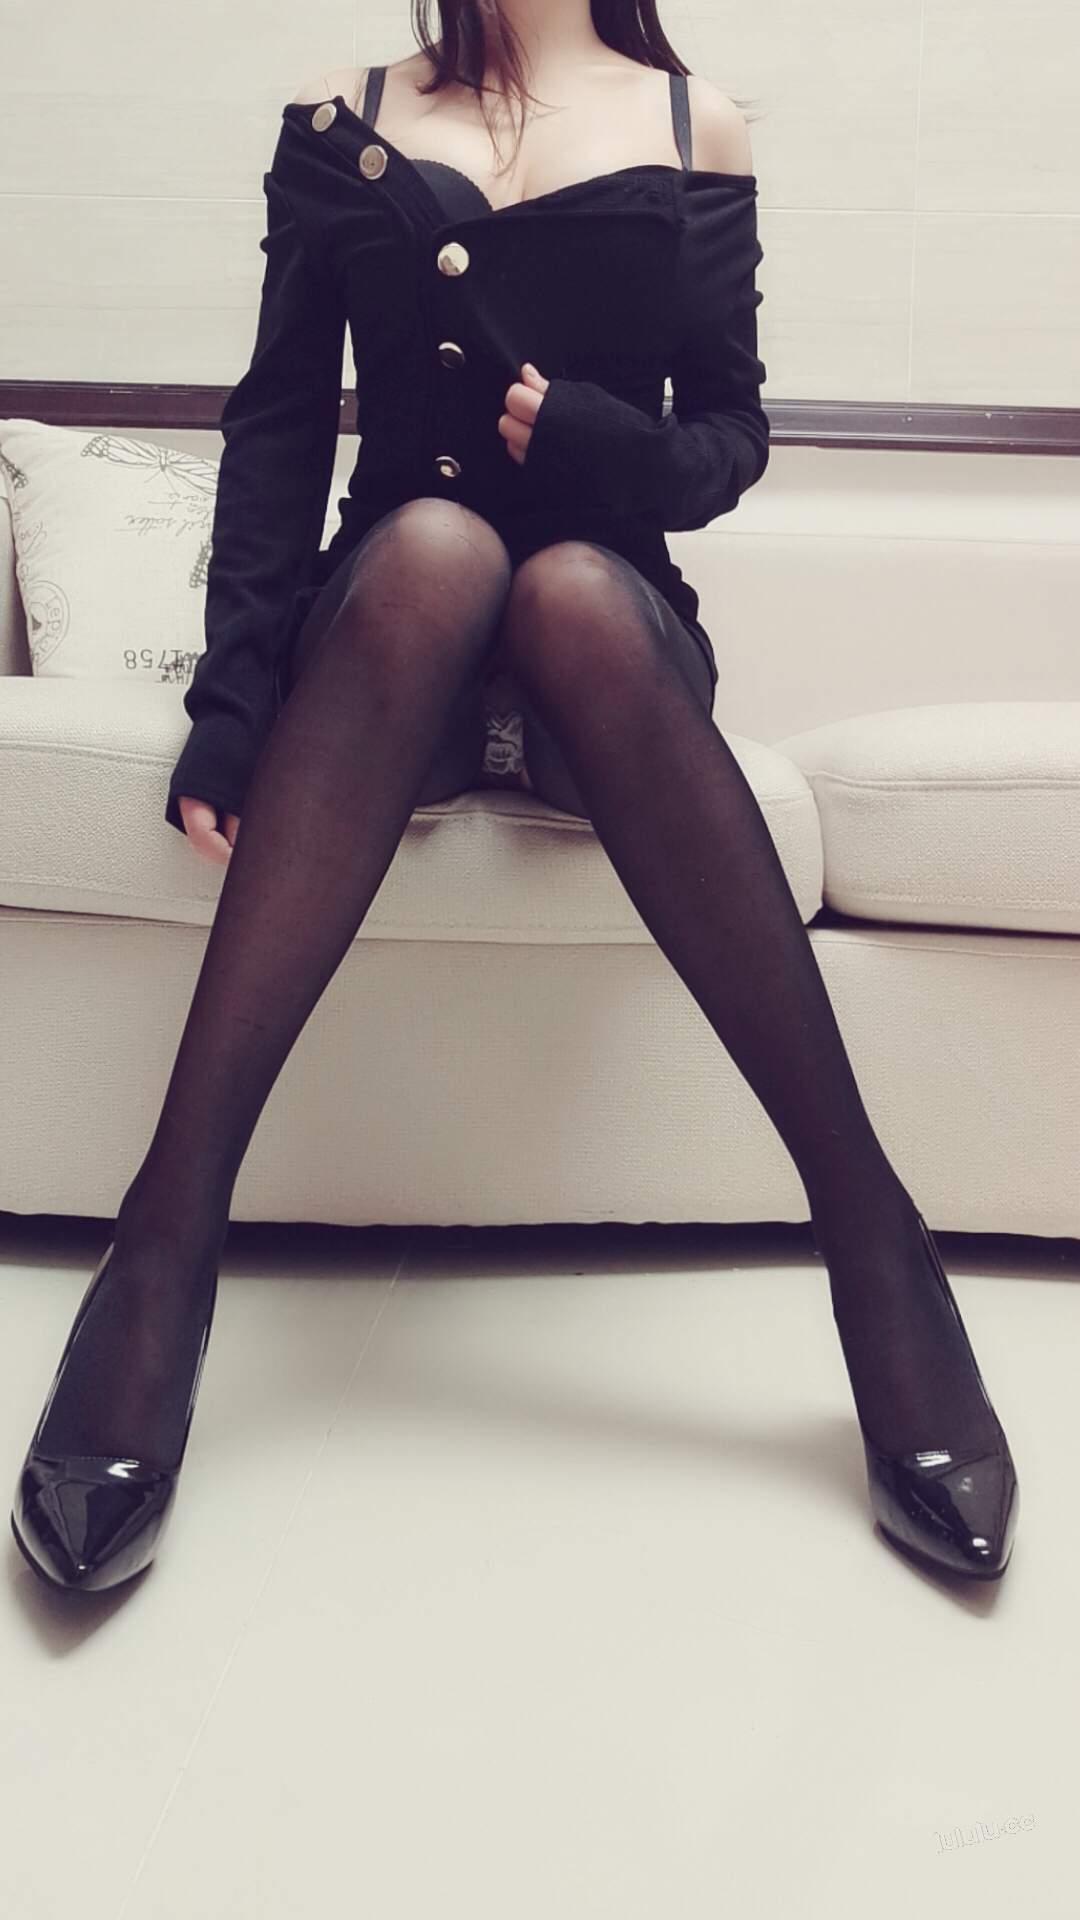 【Cosplay】麻酥酥哟-黑色常服黑丝会员版 40P+6V COS-第1张